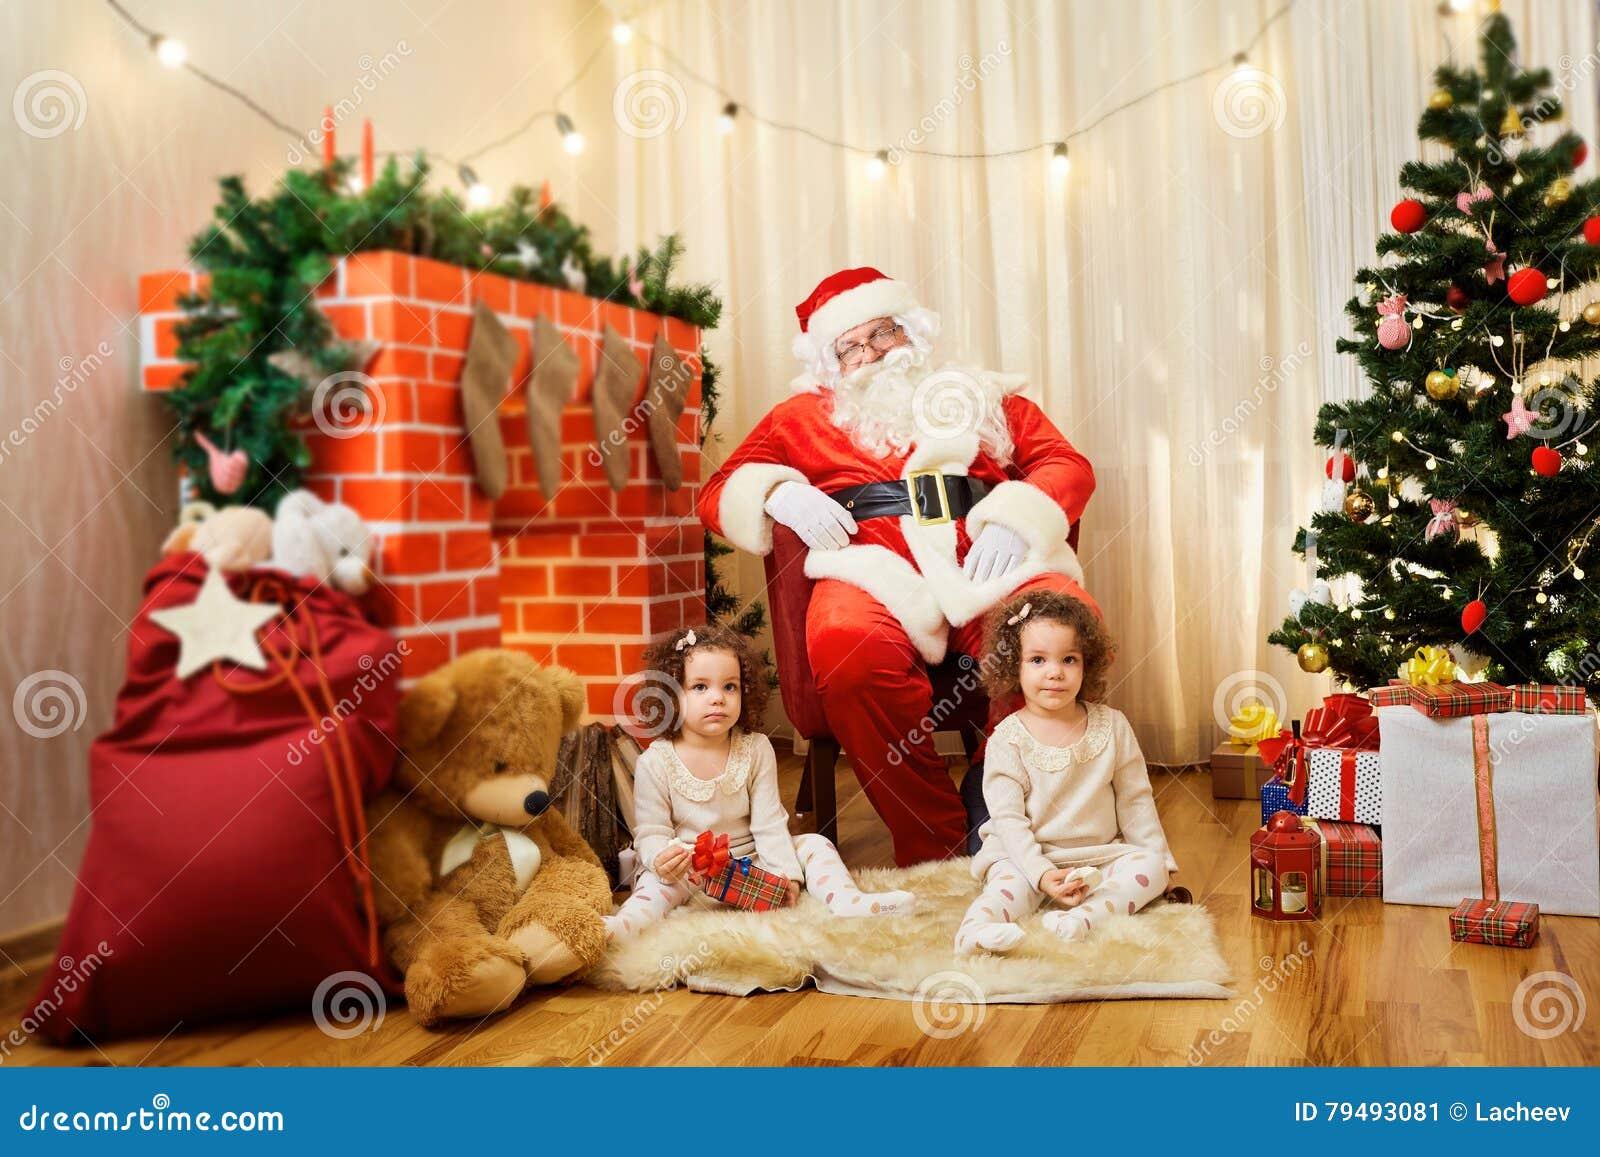 Ståenden av den tvilling- Santa Claus och flickan behandla som ett barn, barnet i rummet b